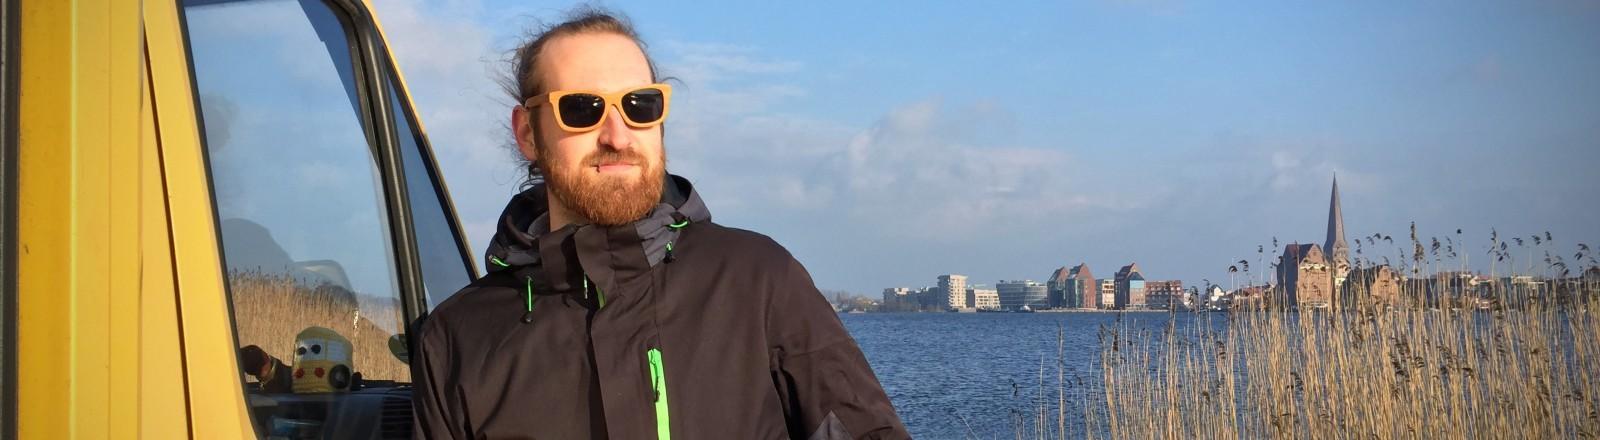 Ein Mann steht mit einem DHL-Laster am Ufer